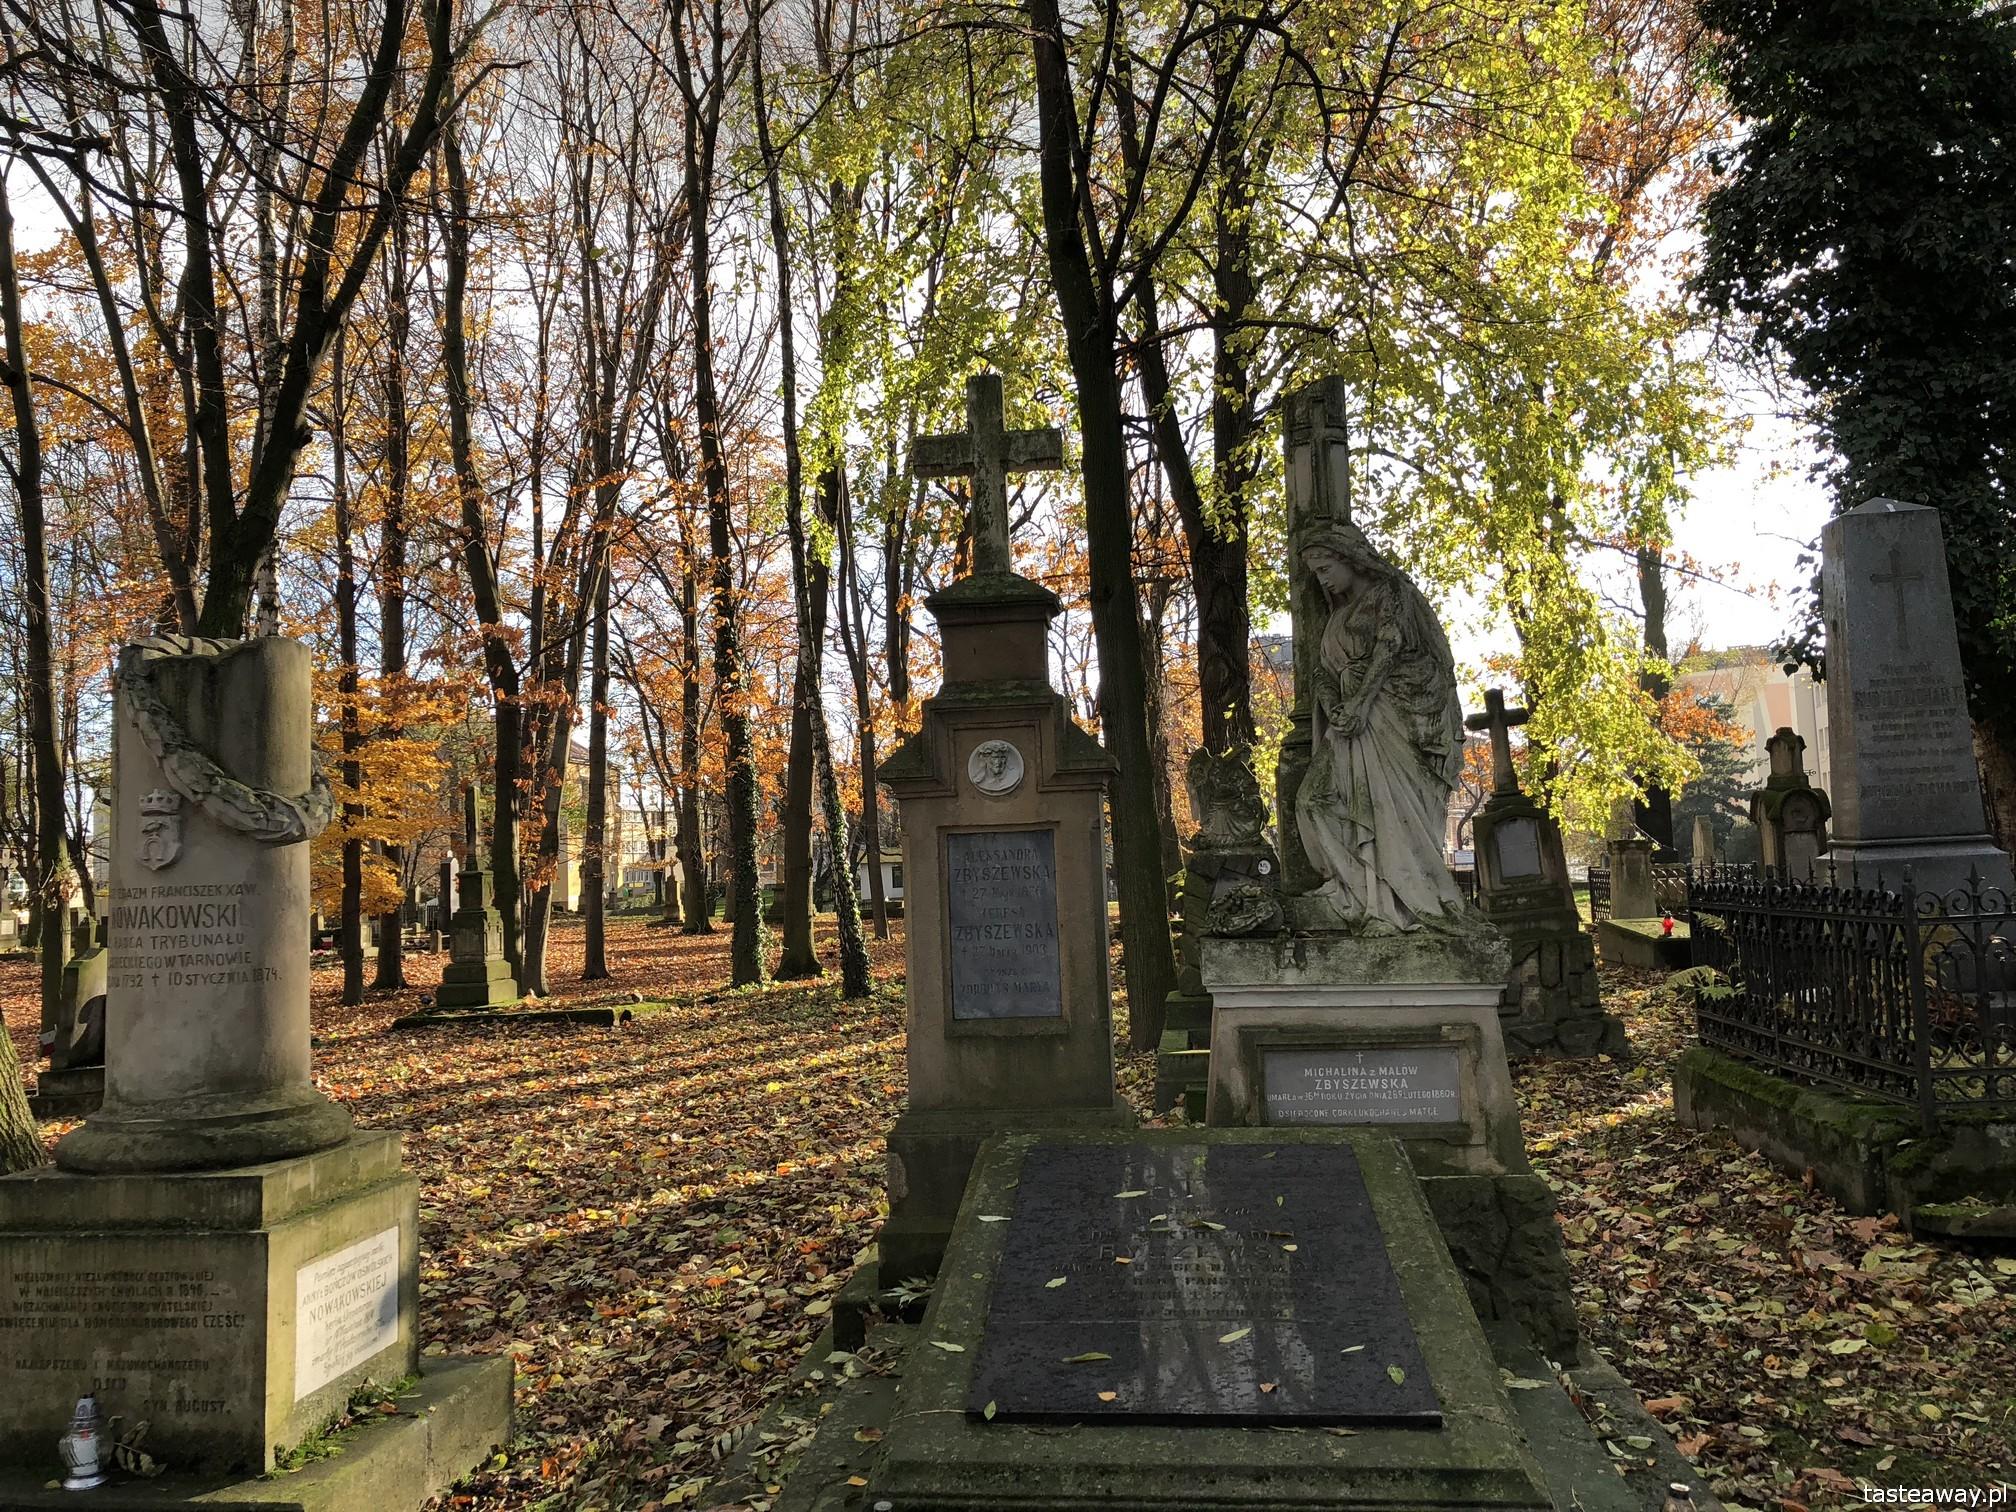 Rzeszów, co zobaczyć w Rzeszowie, Podkarpackie, rynek w Rzeszowie, podróżowanie z dziećmi, Stary Cmentarz